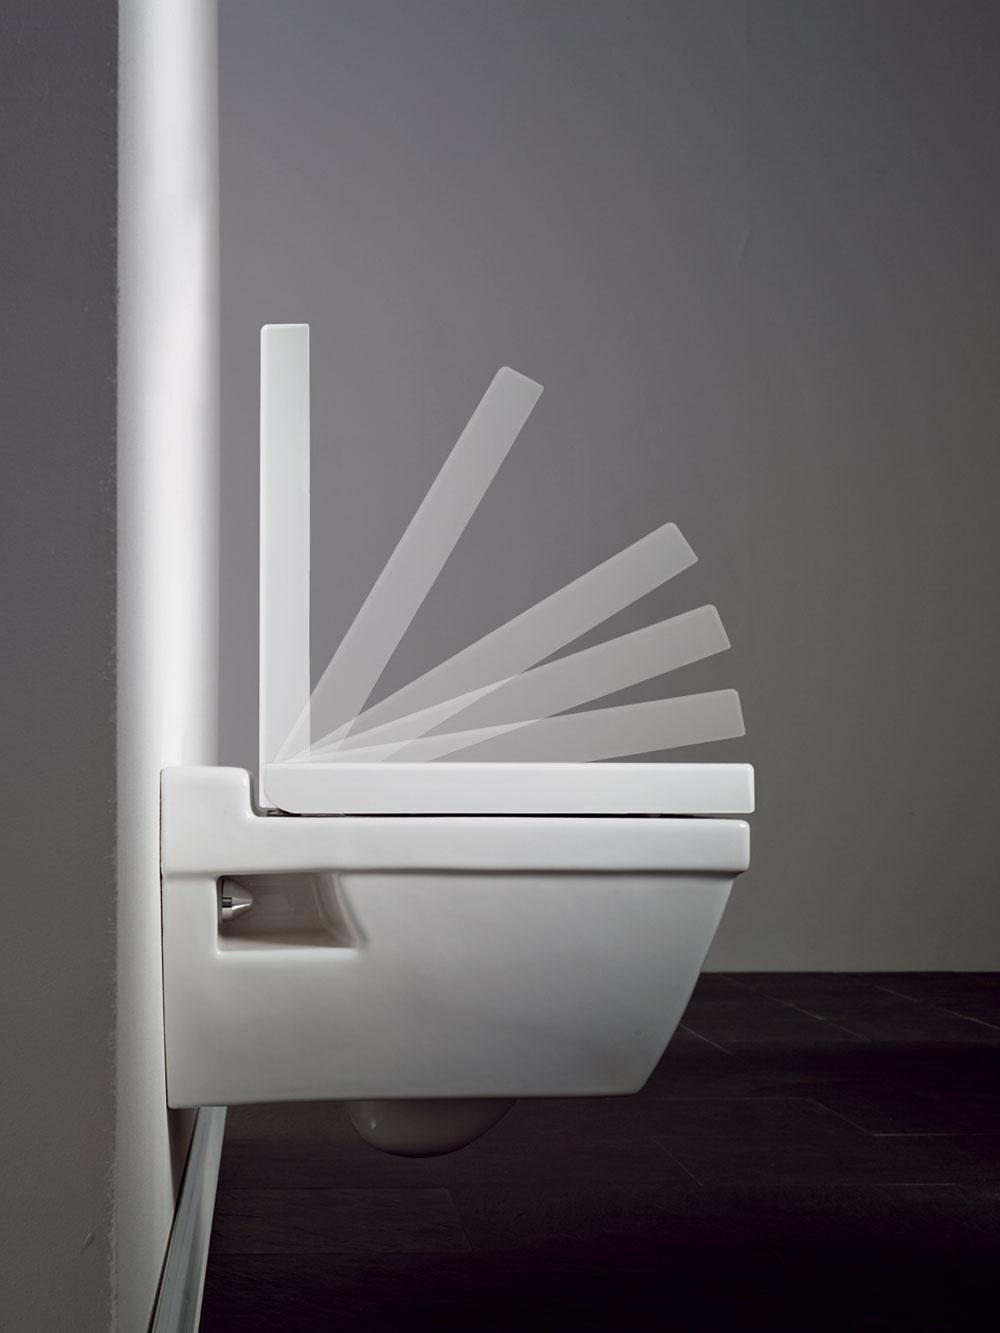 Malé detské pršteky často ostávajú tam, kde nemajú. Aby ich nepricvikla záchodová doska, vyberte si dosku so spomaľovačom zatvárania, ktorý vás ušetrí aj od nepríjemného buchotu.